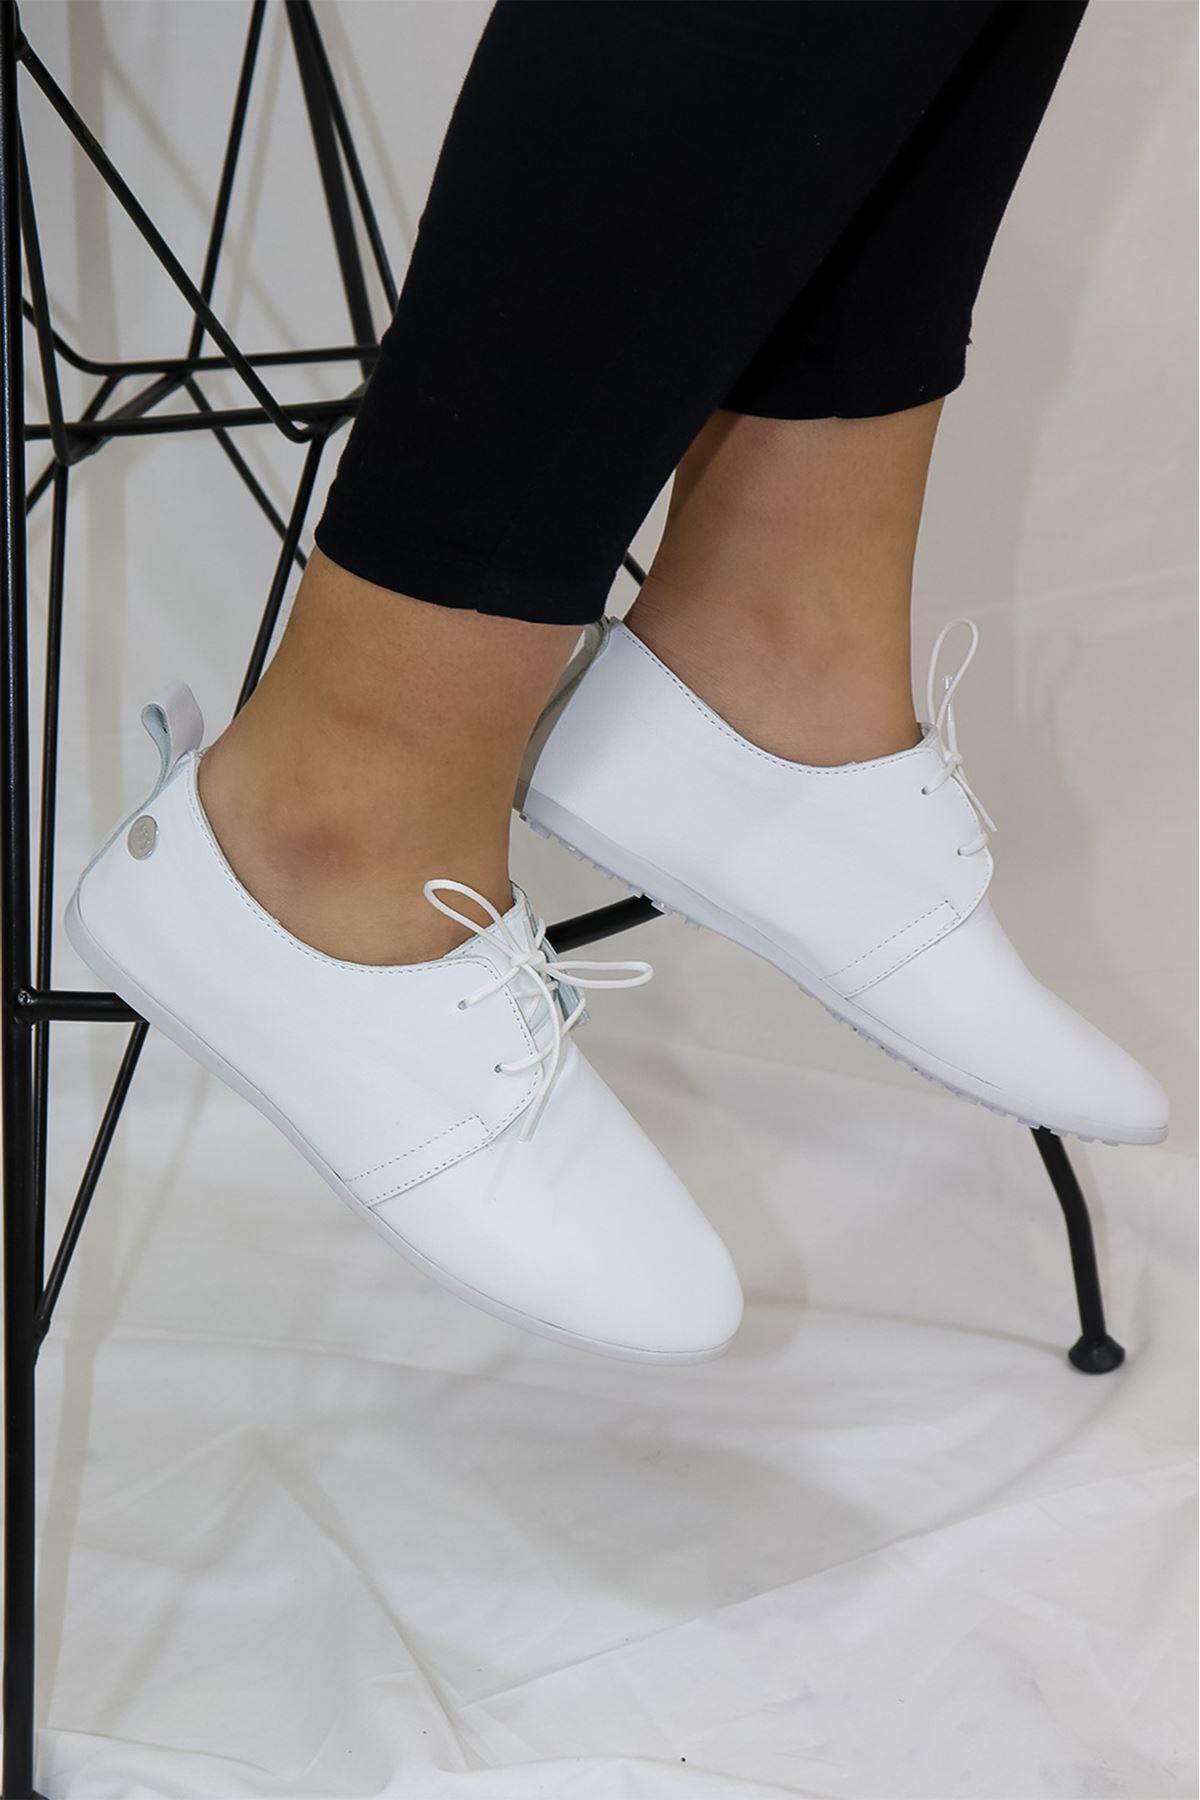 Mammamia - D21YA - 965-B Beyaz Casual Kadın Ayakkabısı